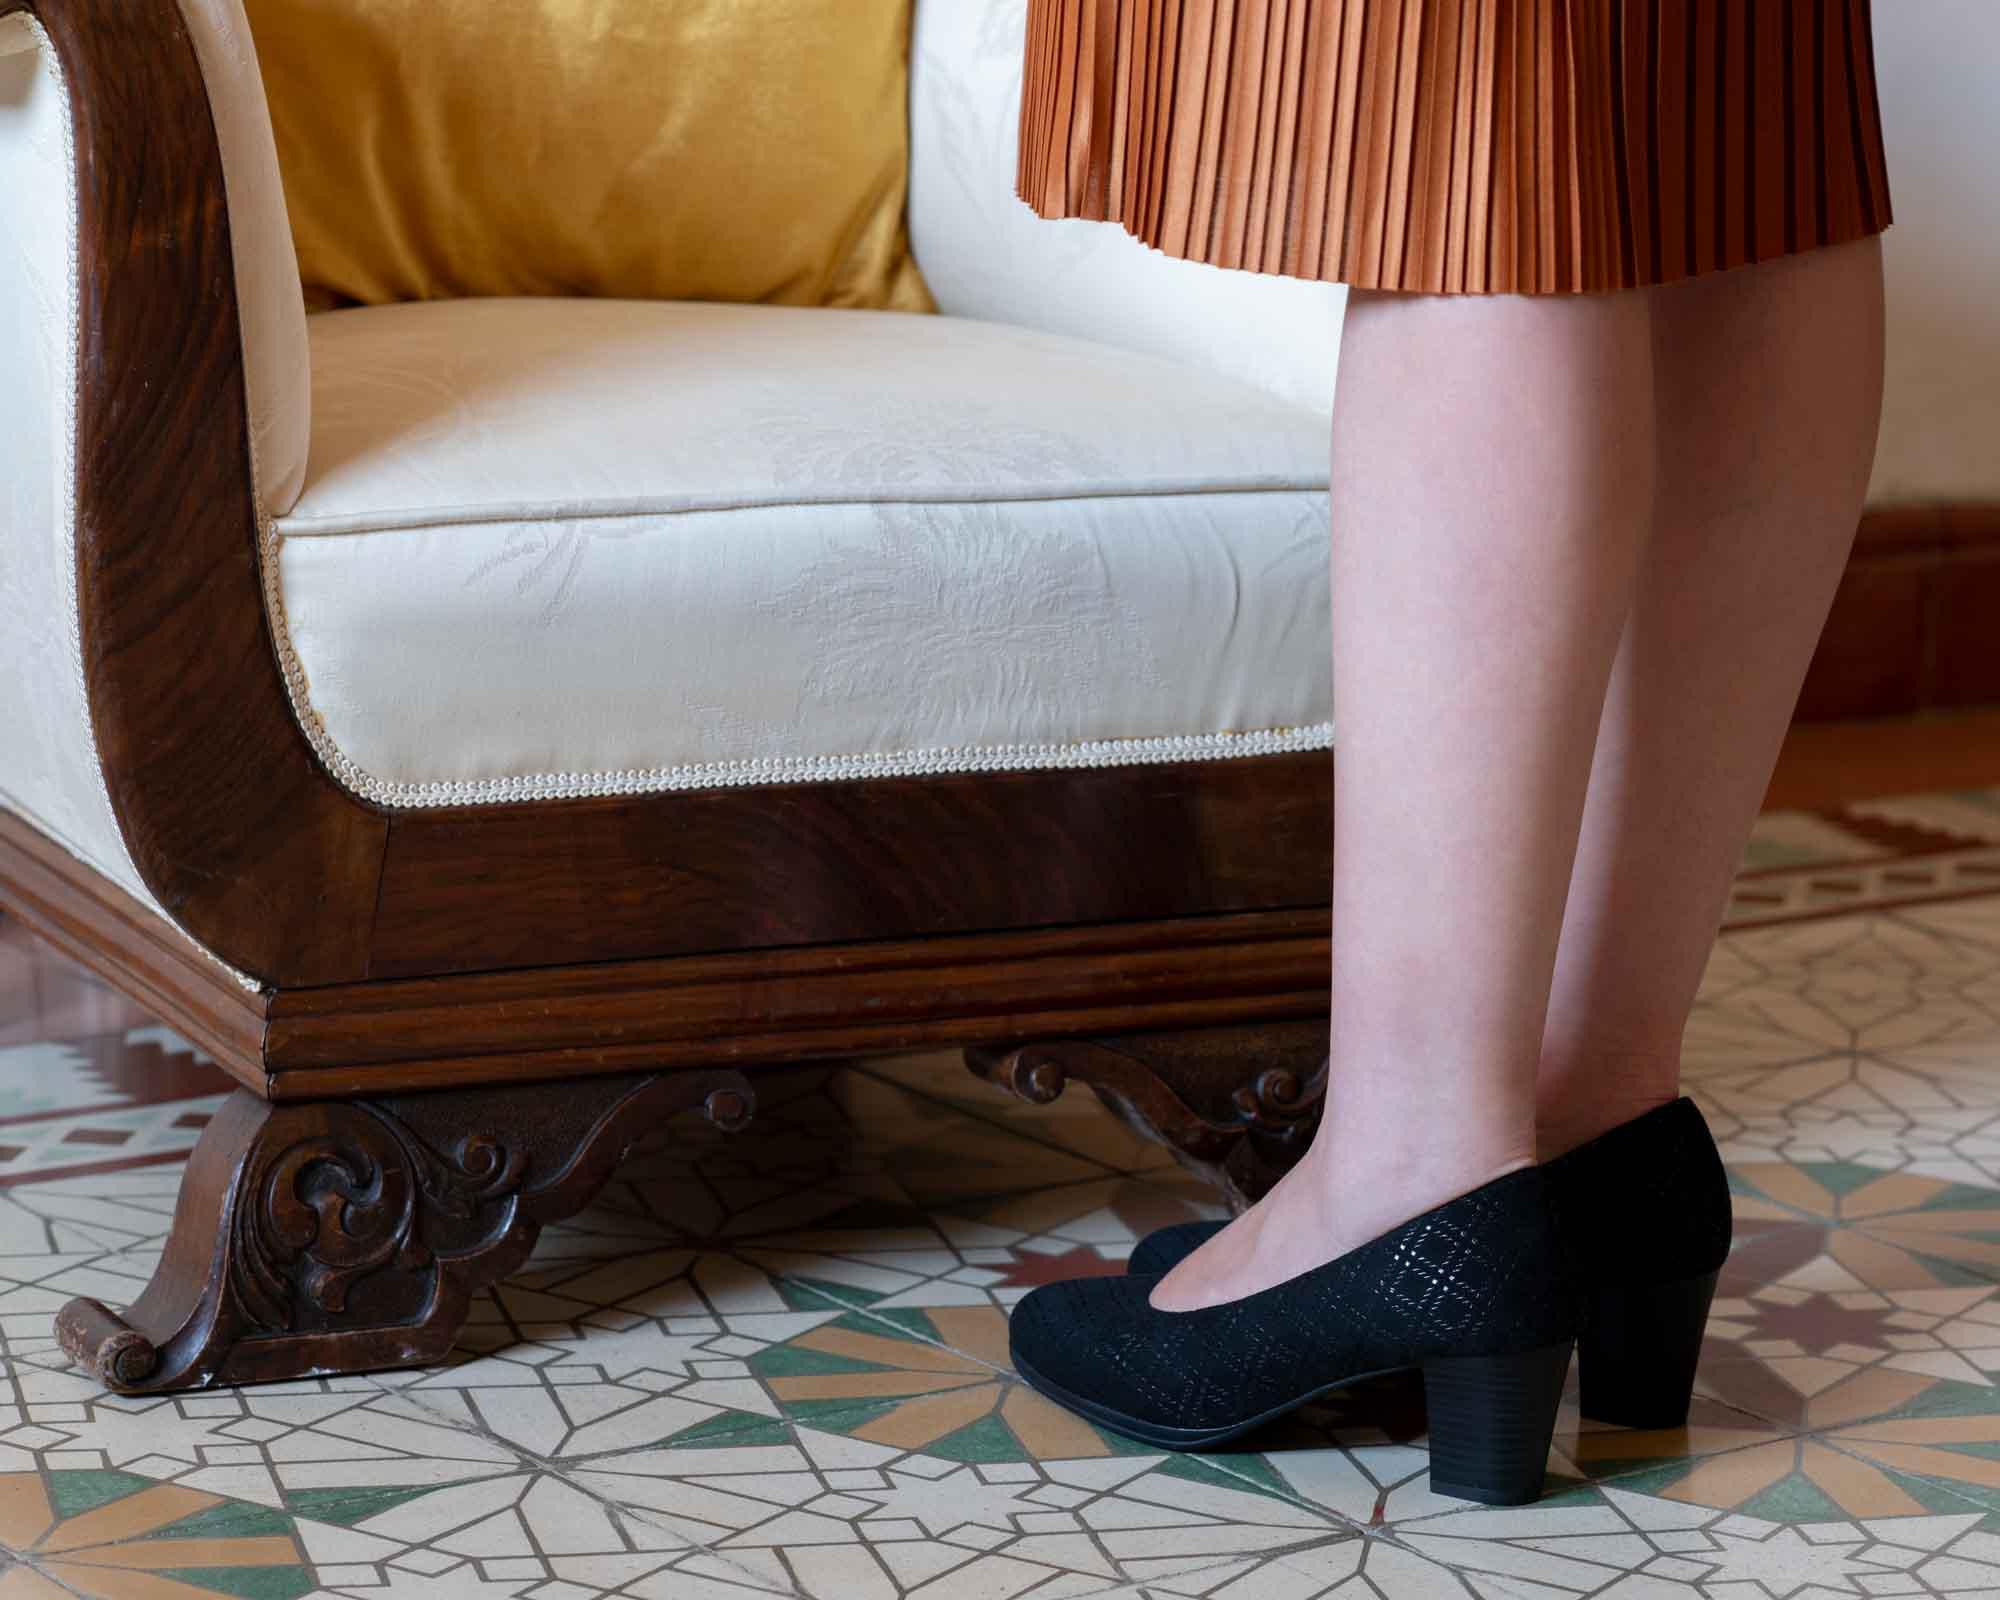 Mujer de pie junto a la silla antigua con tacones negros y vestido naranja con baldosas españolas.